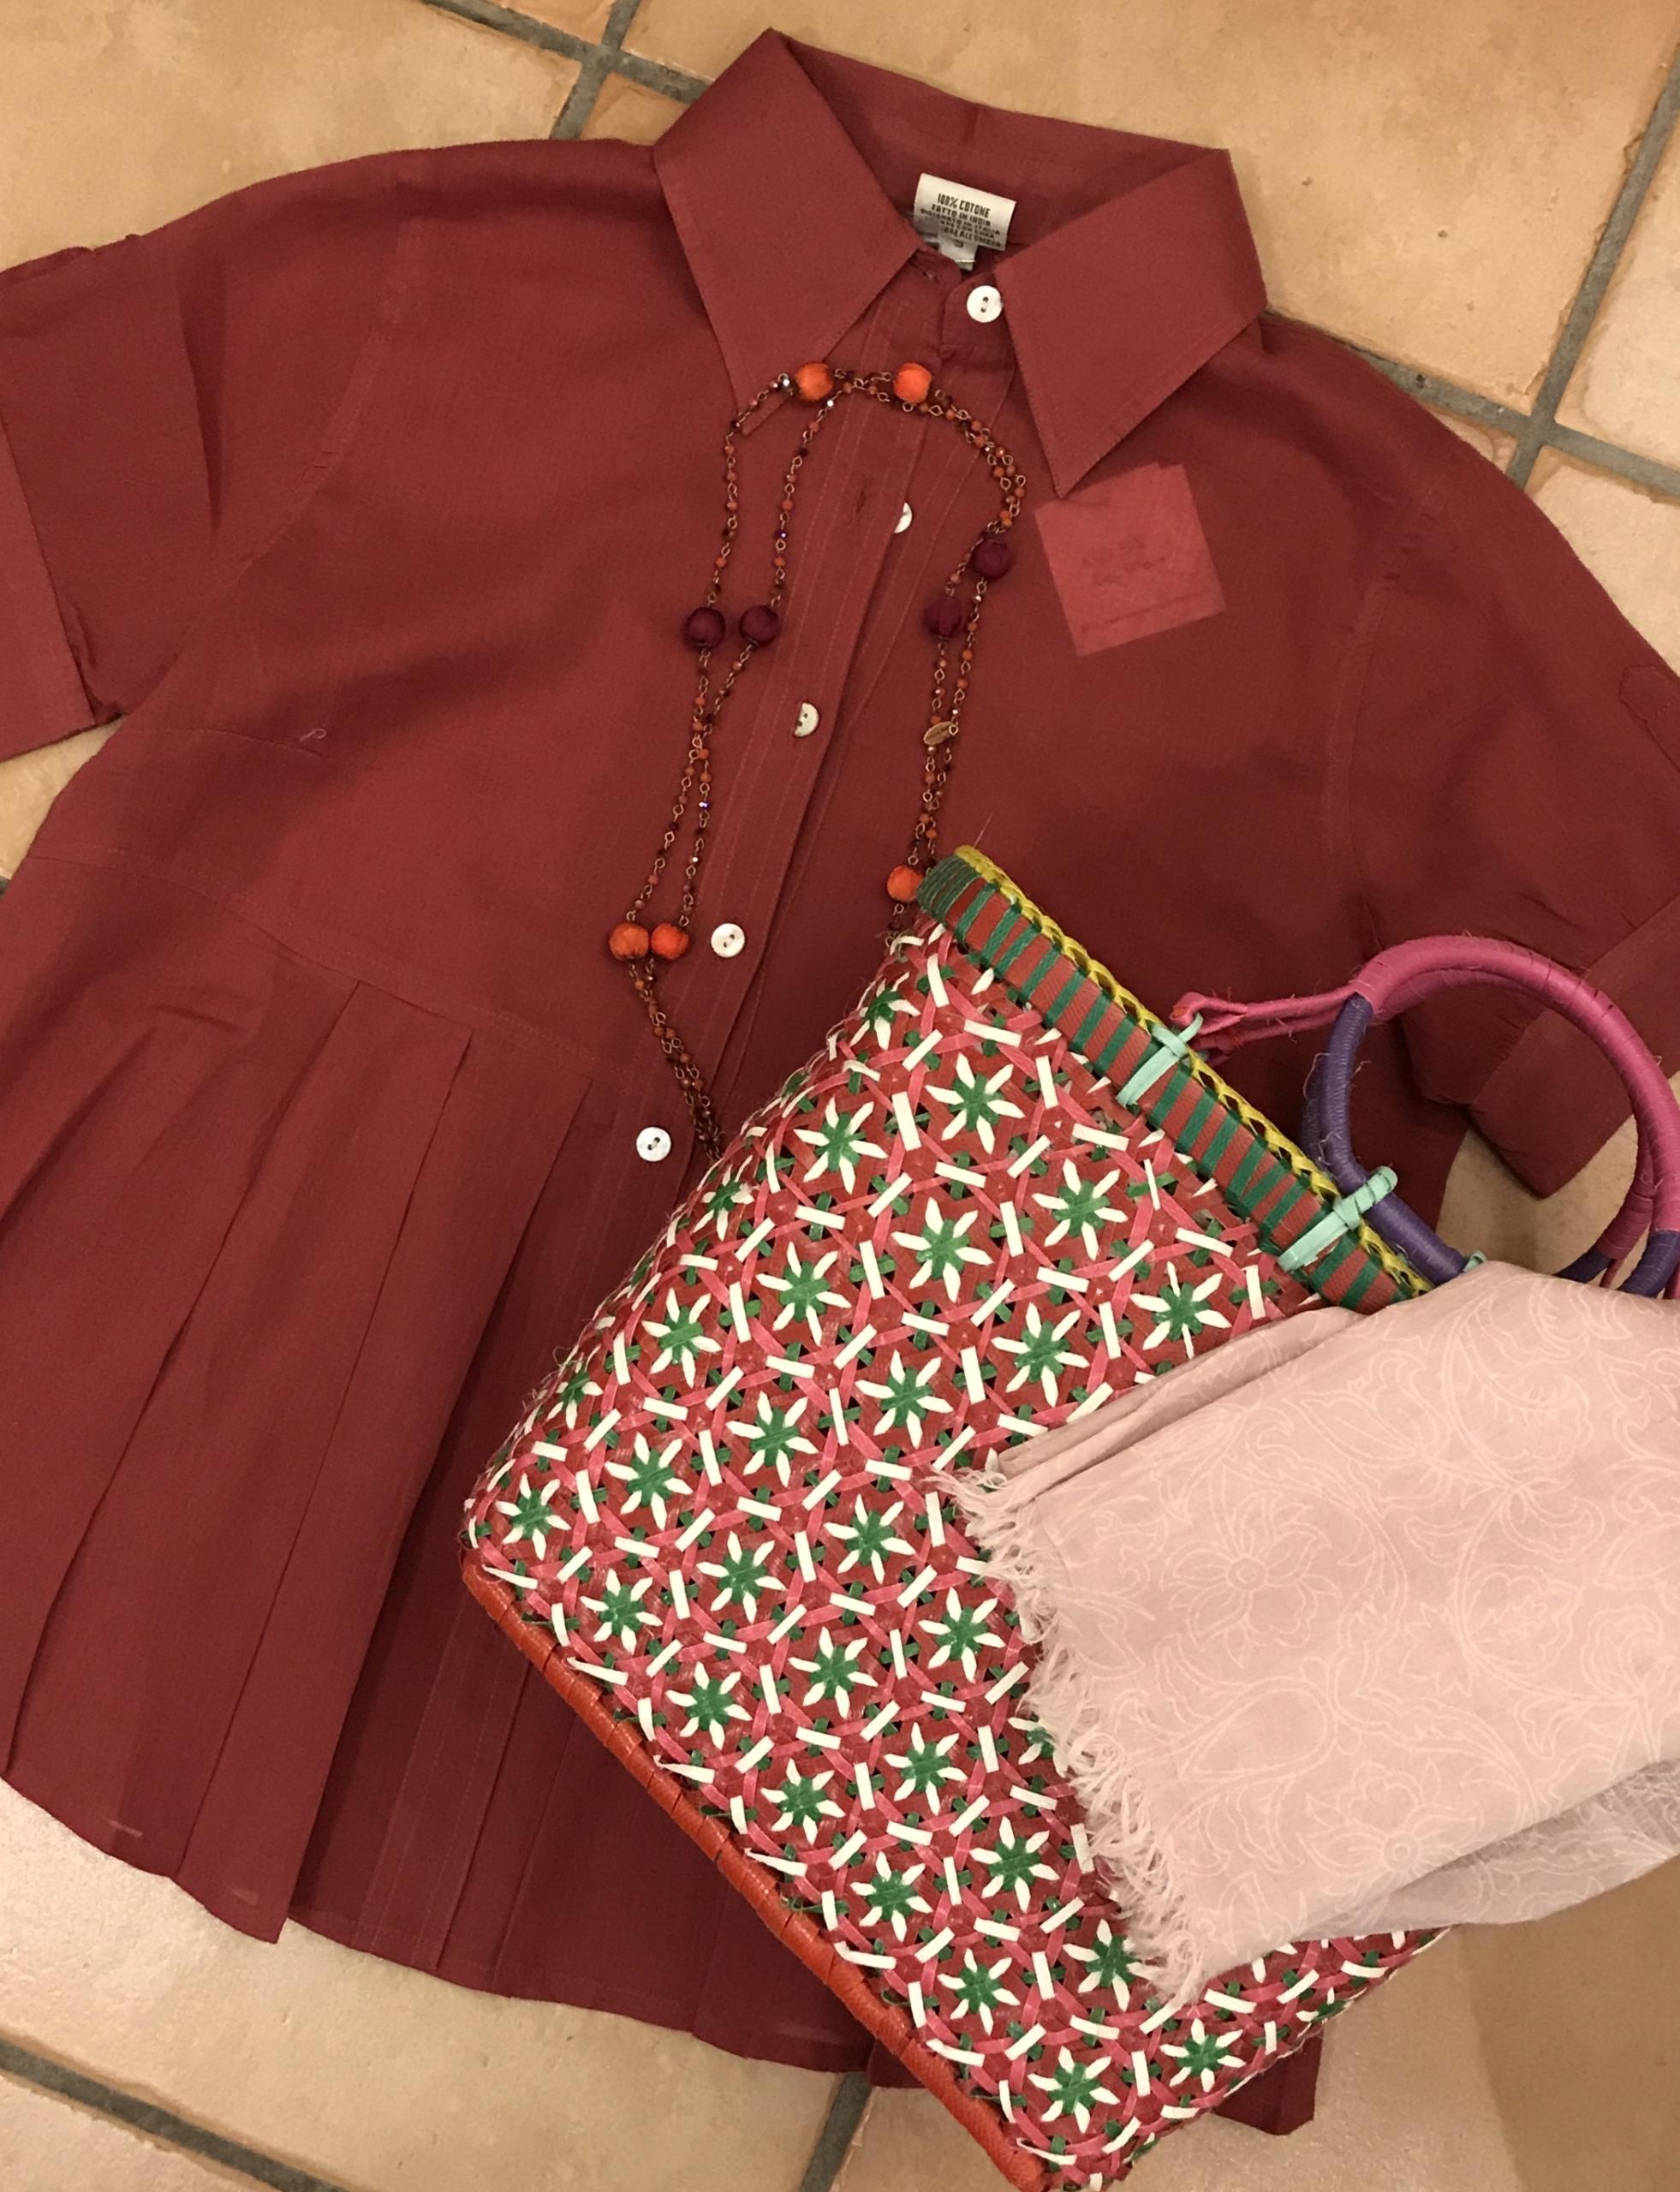 camicia 100% cotone, pareo 100% cotone, borsa fatta a mano in plastica riciclata, collana con cristalli e seta.